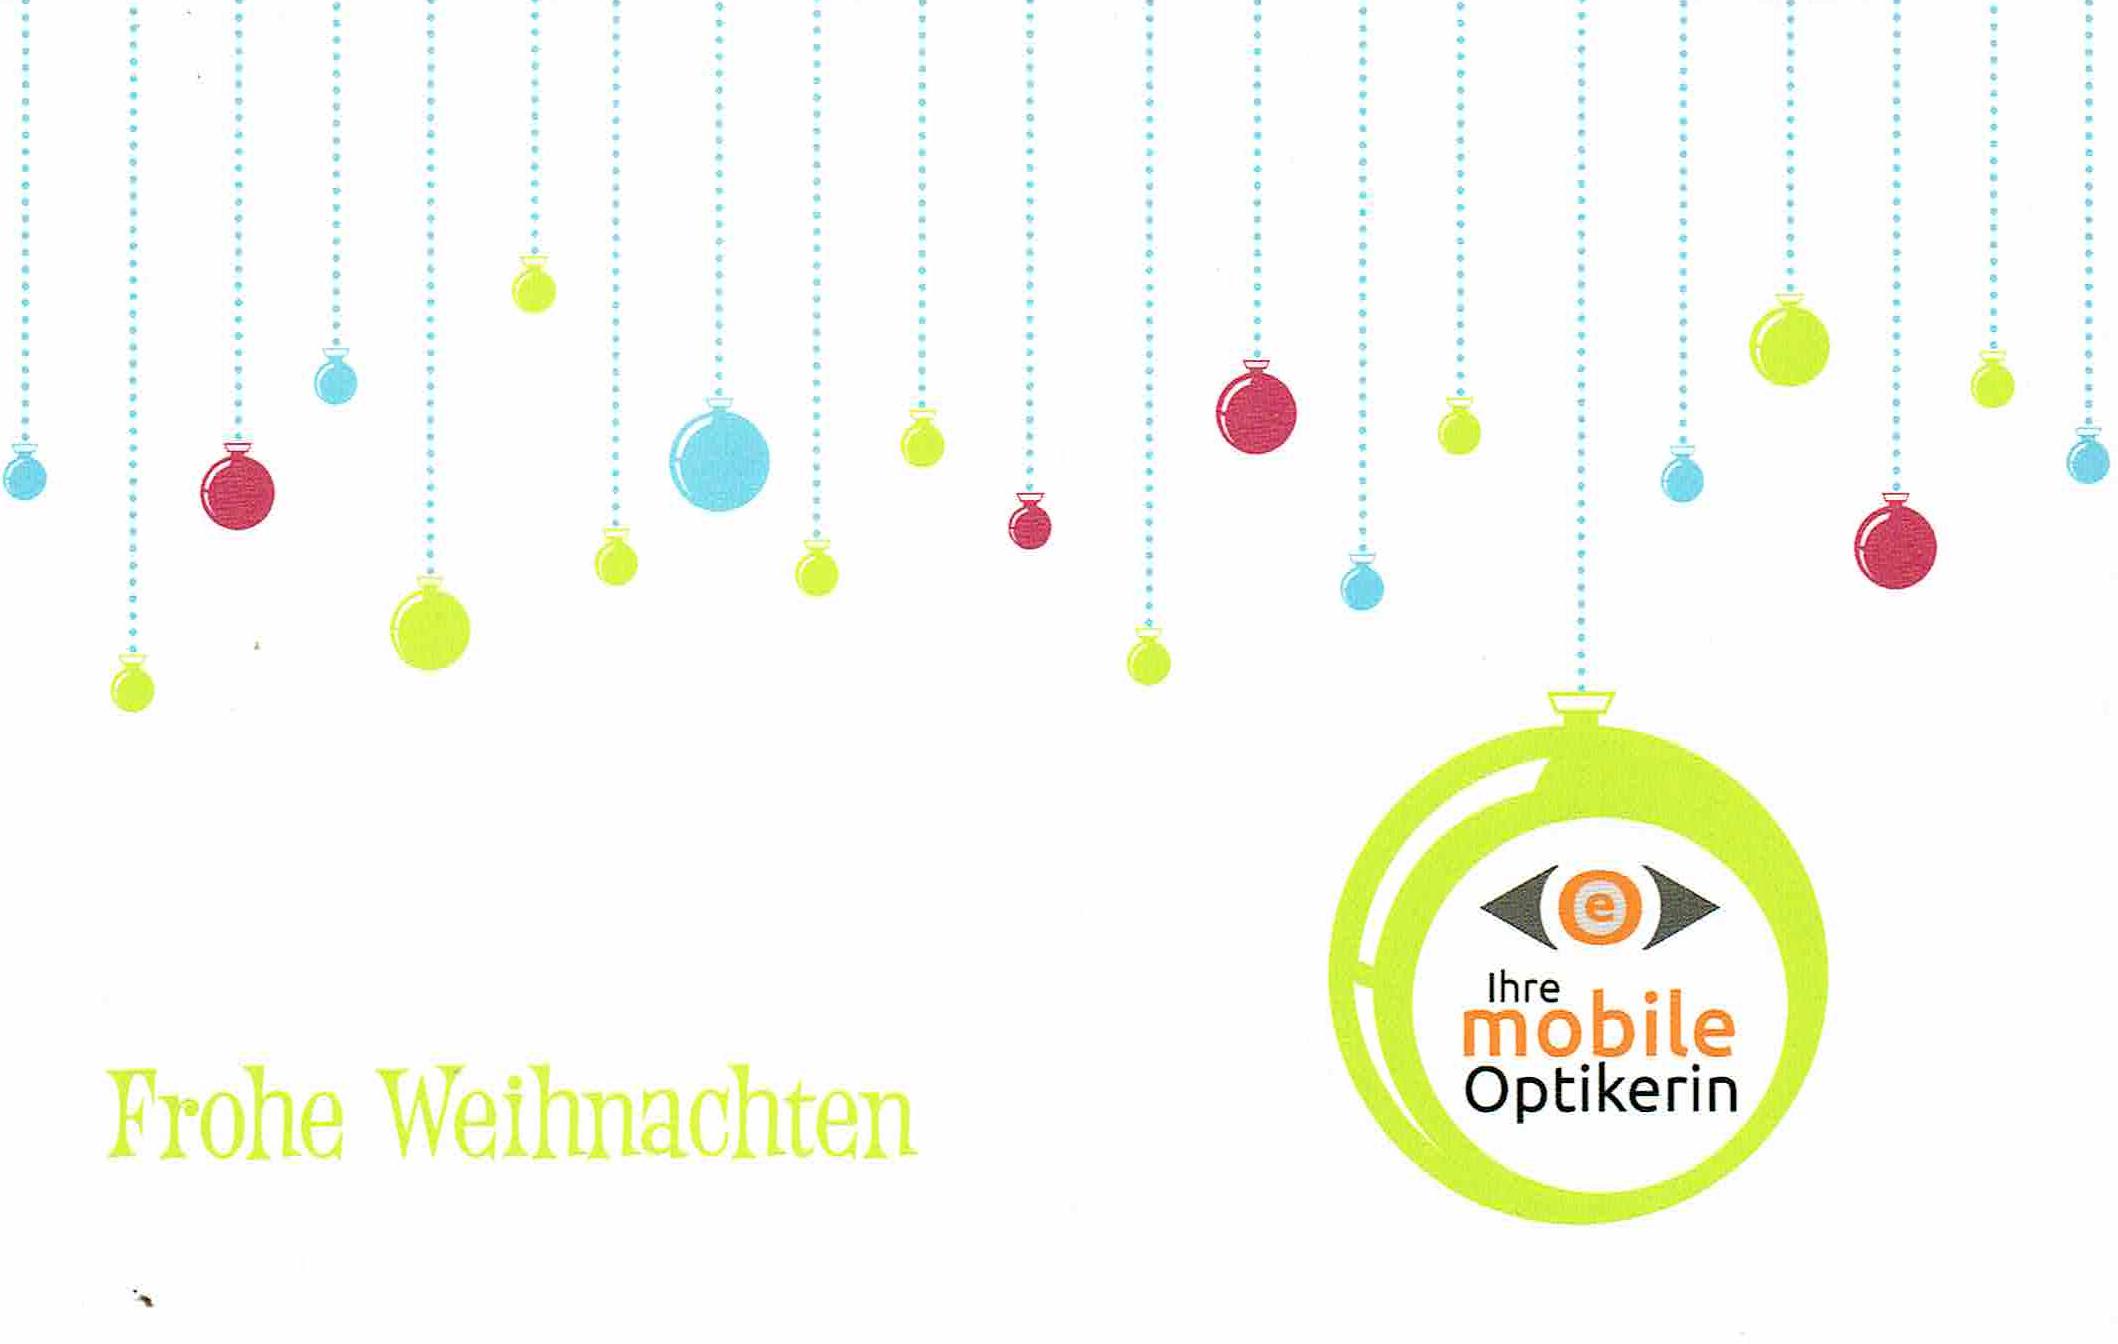 Optik Edelmann wünscht Frohe Weihnachten 2014